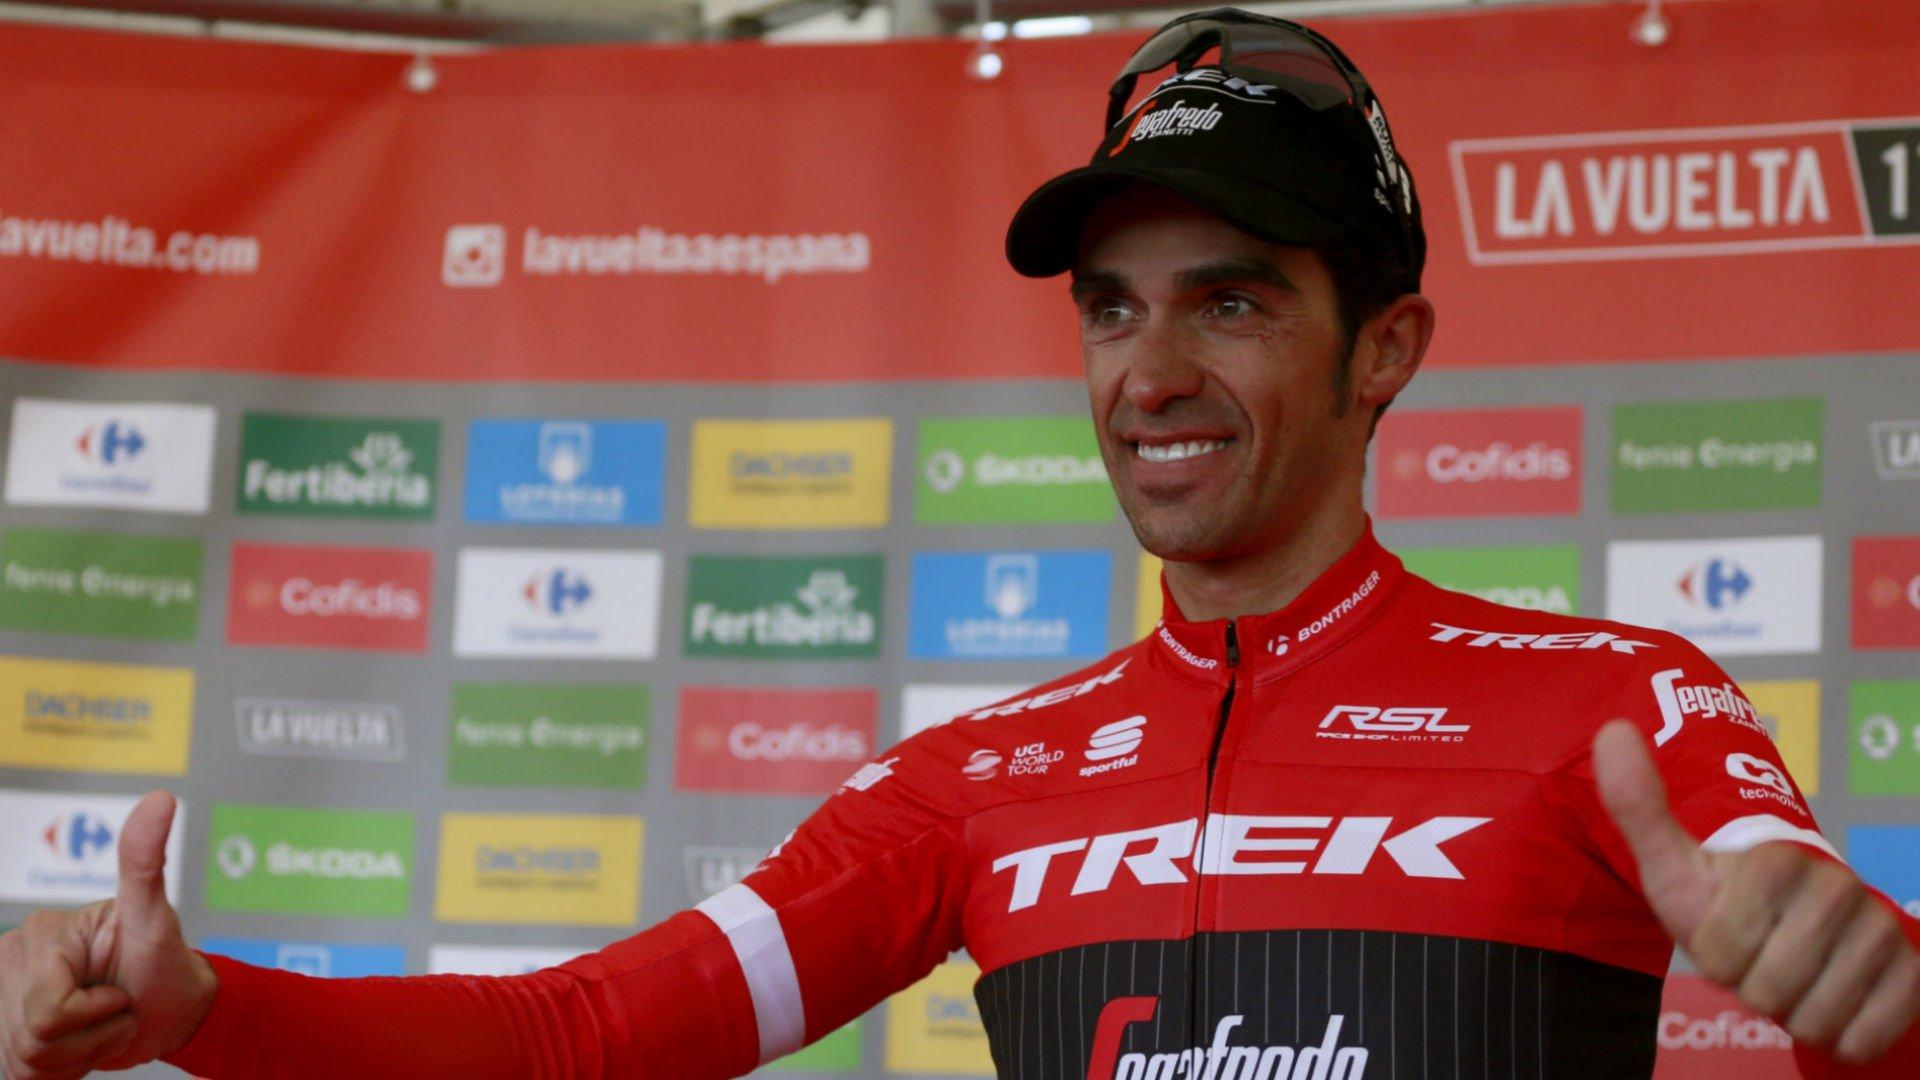 El ciclista español Alberto Contador despide con 'La Vuelta' su carrera profesional